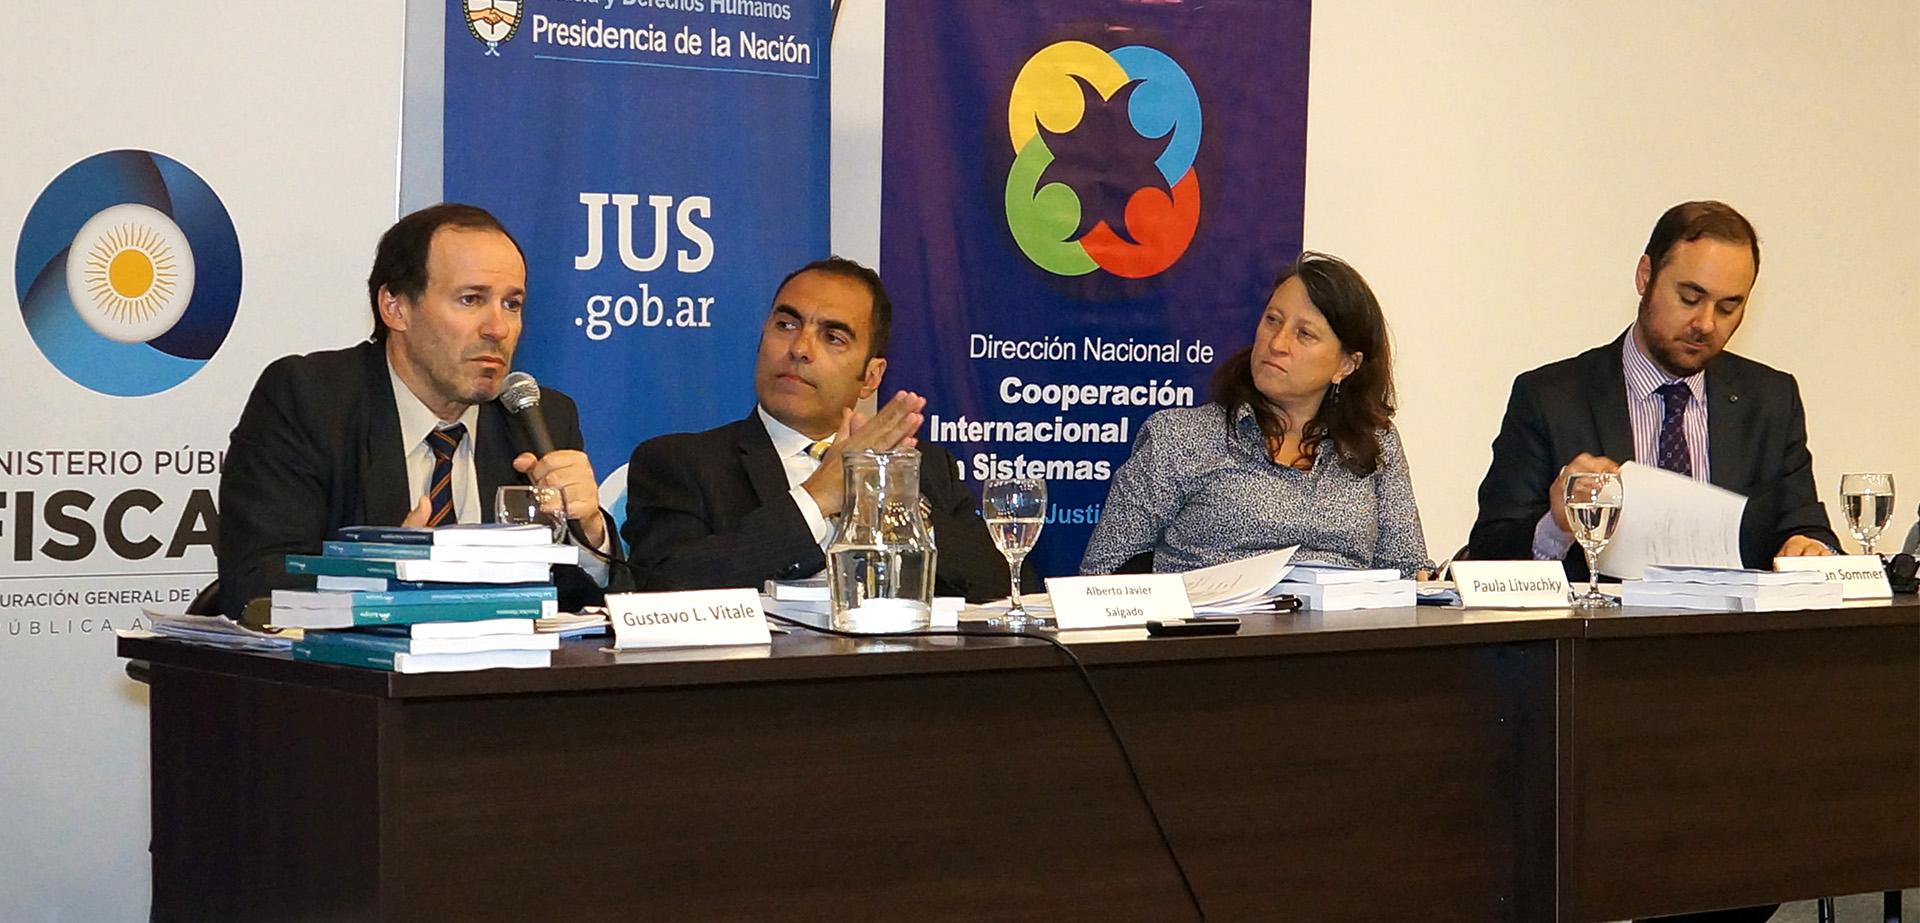 El Ministerio de Justicia encabezó seminario sobre jurisprudencia de la Corte Interamericana de Derechos Humanos